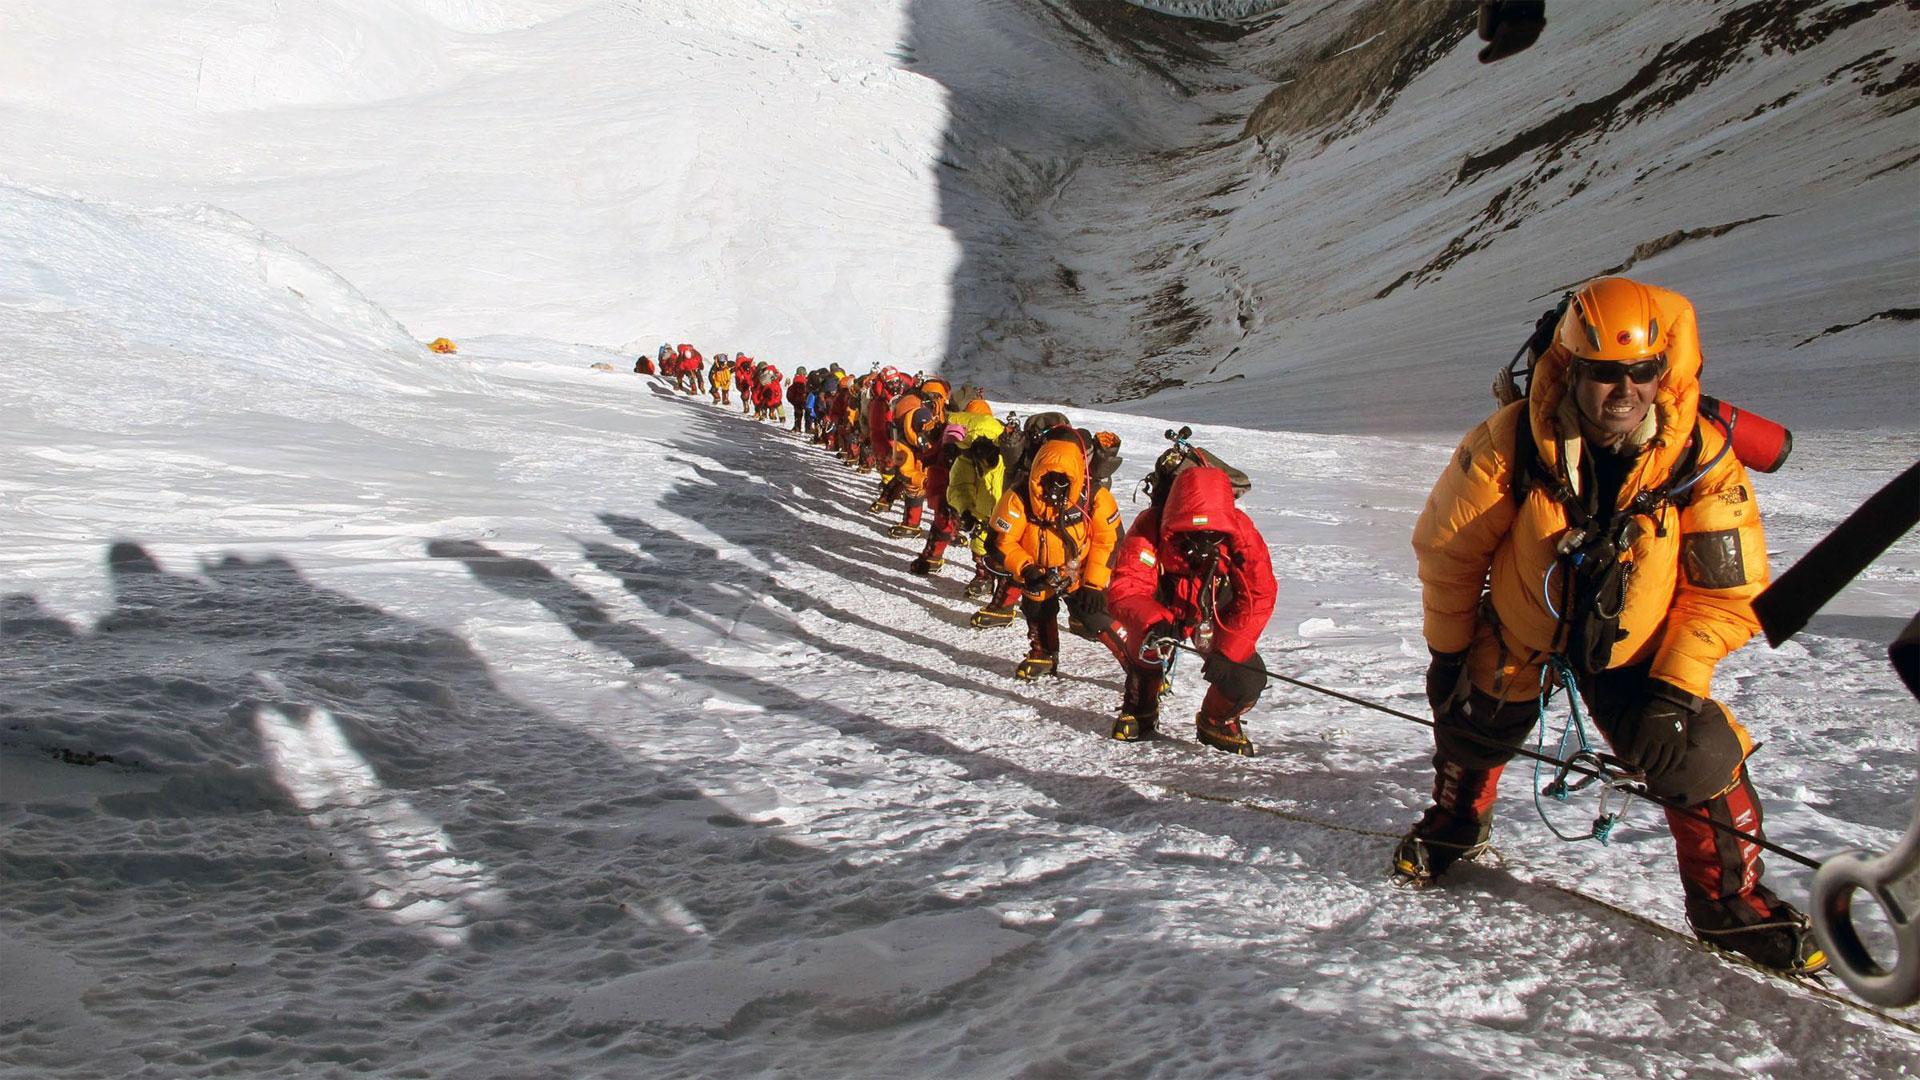 Muchos de los montañistas requieren la ayuda de guías nepalíes, con lo que son en total unas 750 personas las que intentarán llegar a la cumbre en las próximas semanas